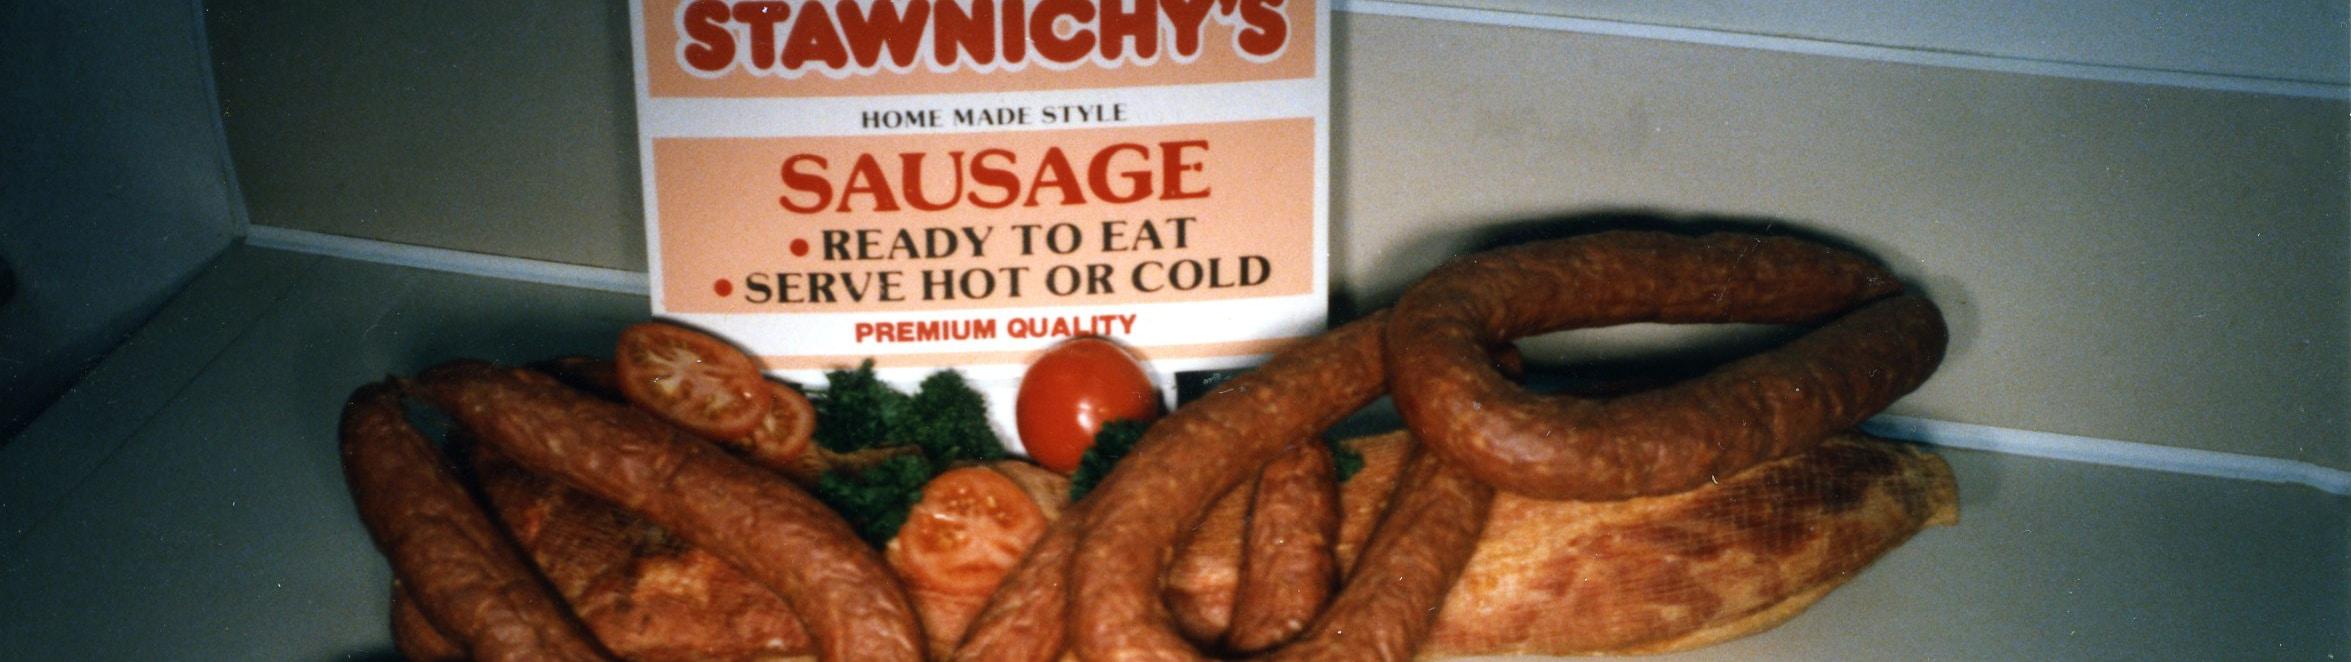 Rings of sausage